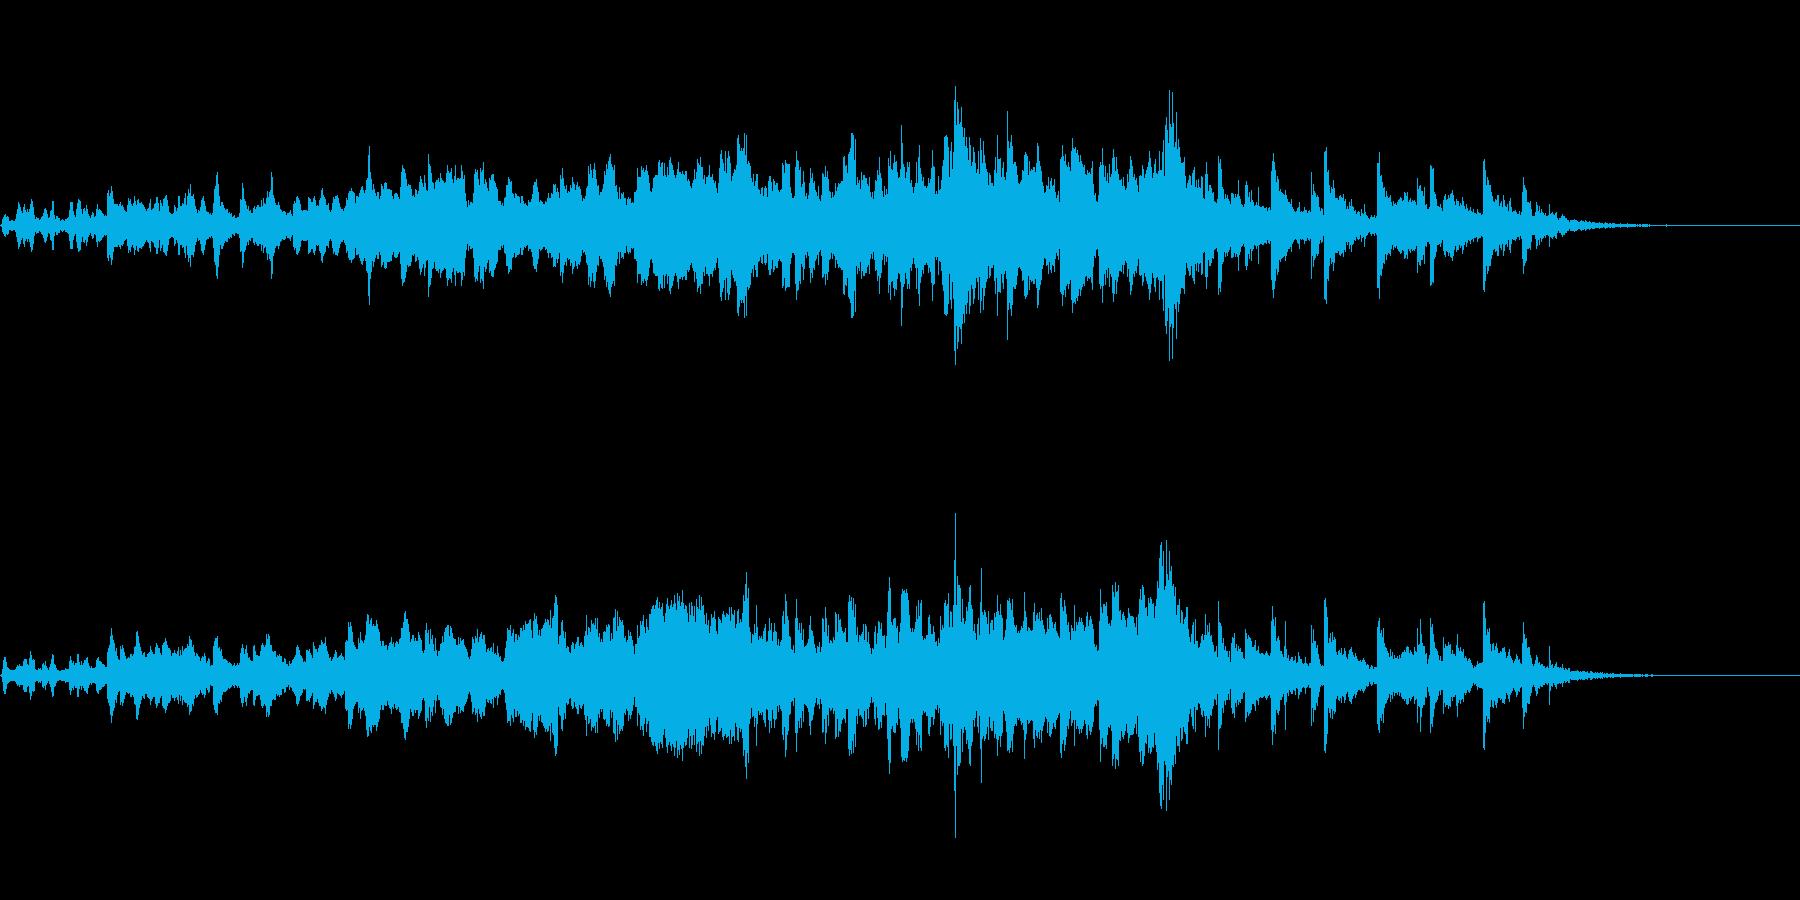 暖かみのあるサウンドの再生済みの波形